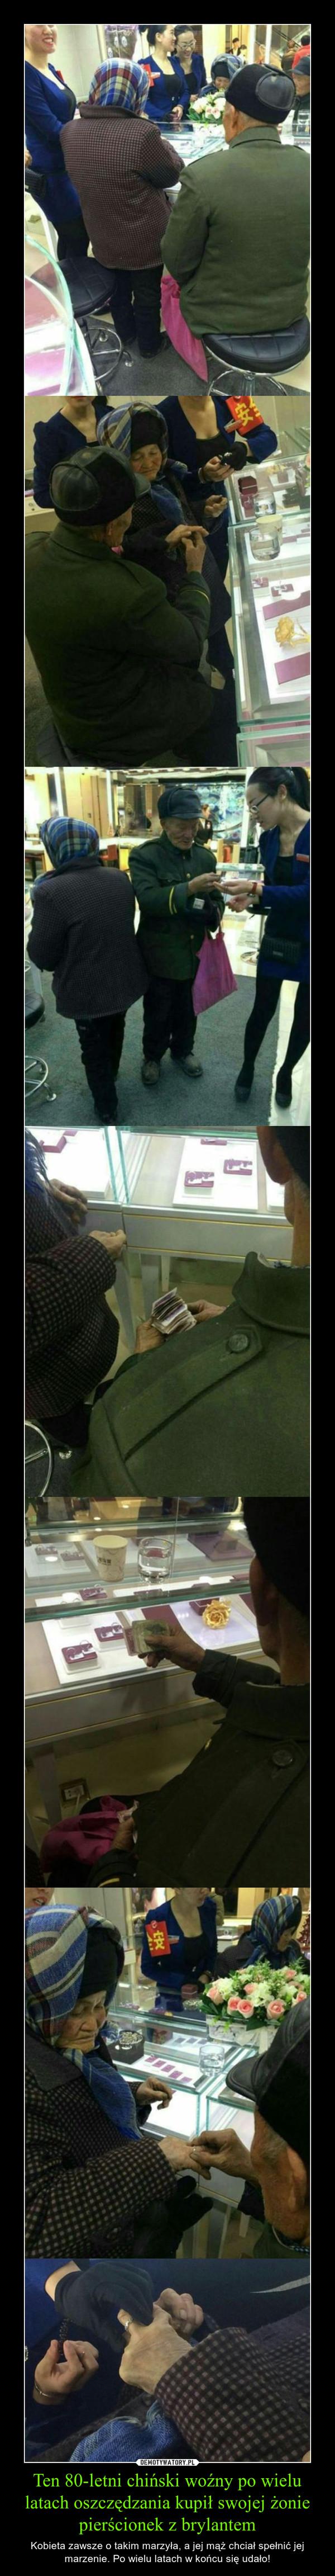 Ten 80-letni chiński woźny po wielu latach oszczędzania kupił swojej żonie pierścionek z brylantem – Kobieta zawsze o takim marzyła, a jej mąż chciał spełnić jej marzenie. Po wielu latach w końcu się udało!